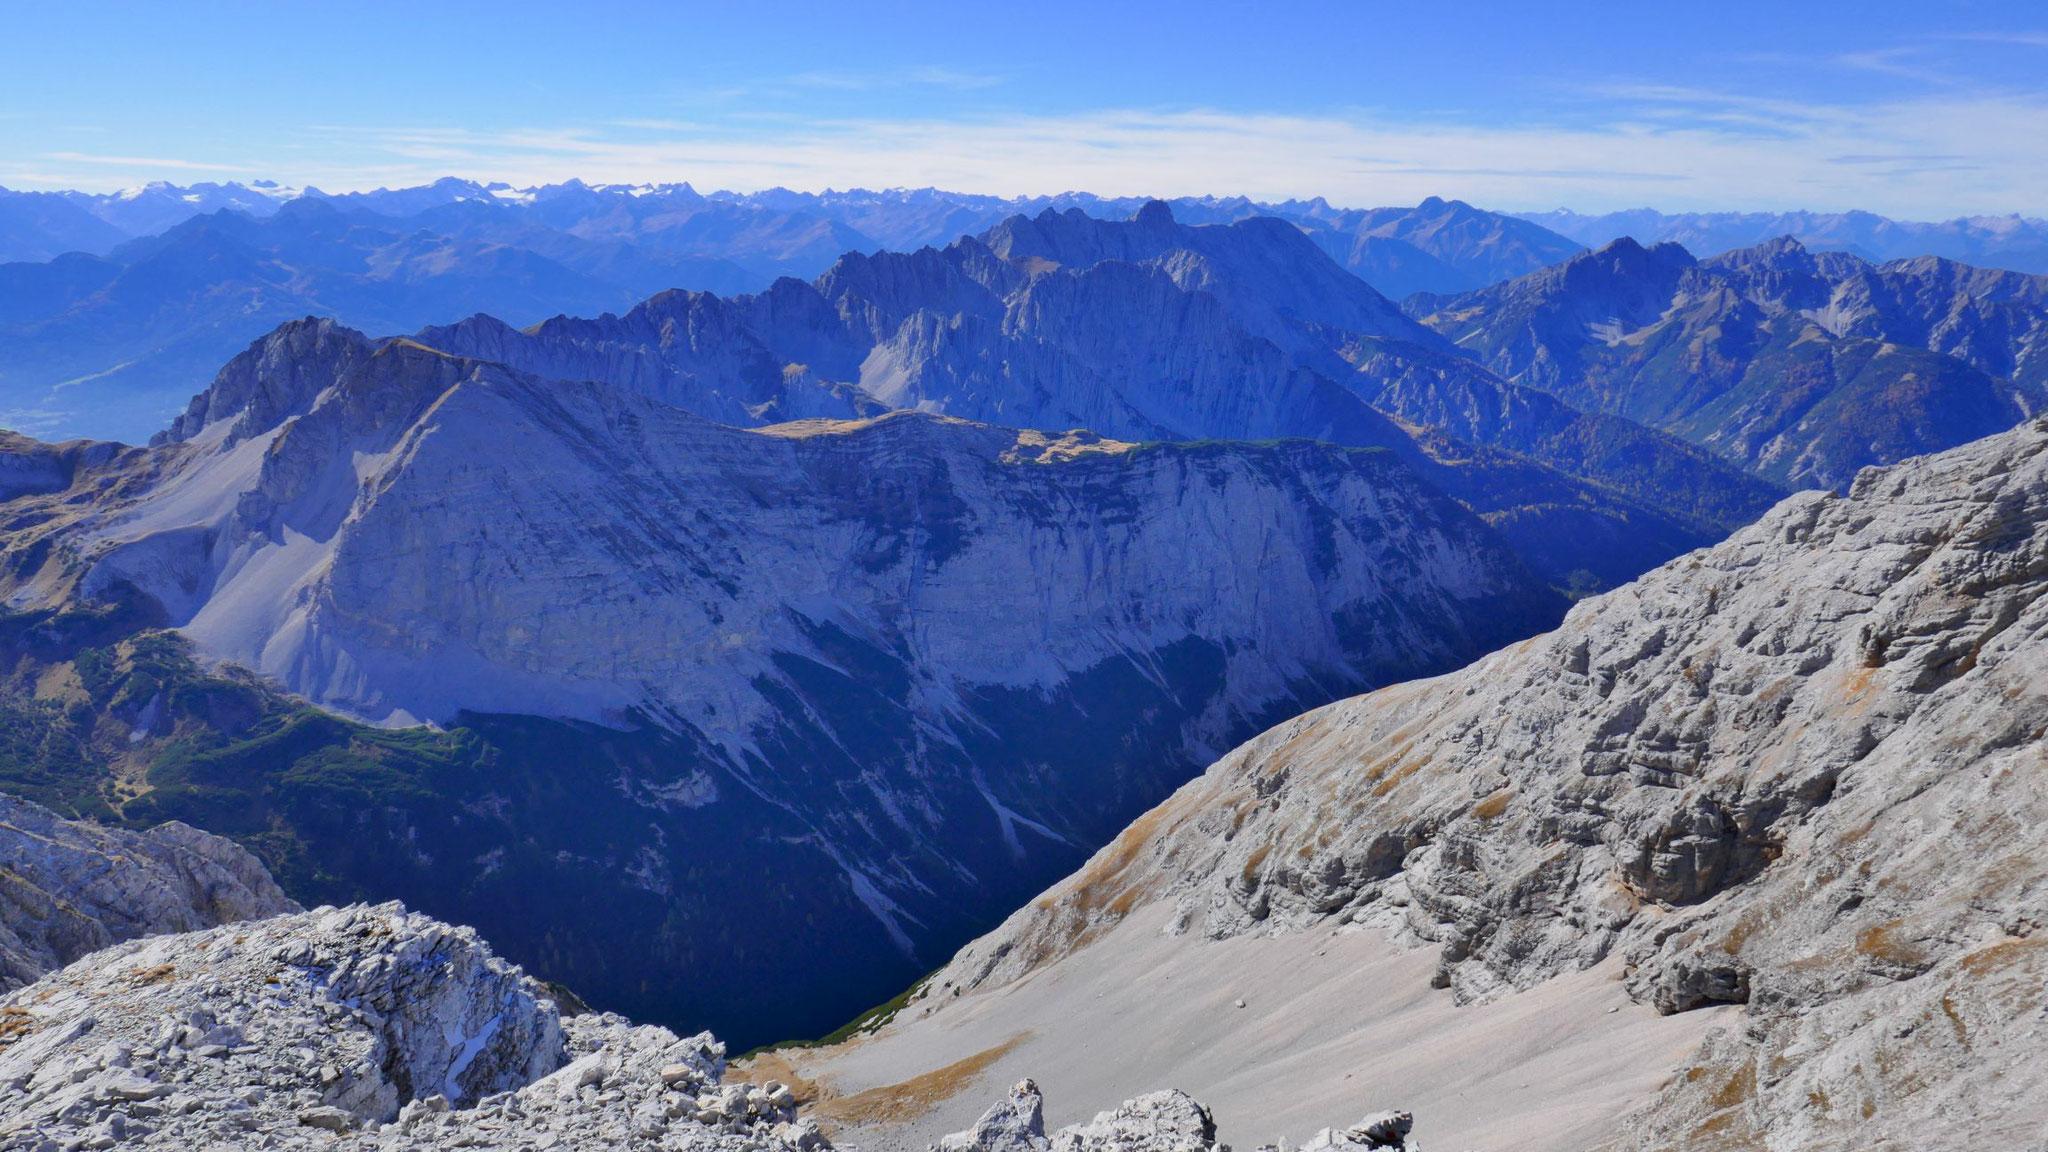 Westliche Inntalkette und Erlspitzgruppe, dahinter Stubaier Alpen